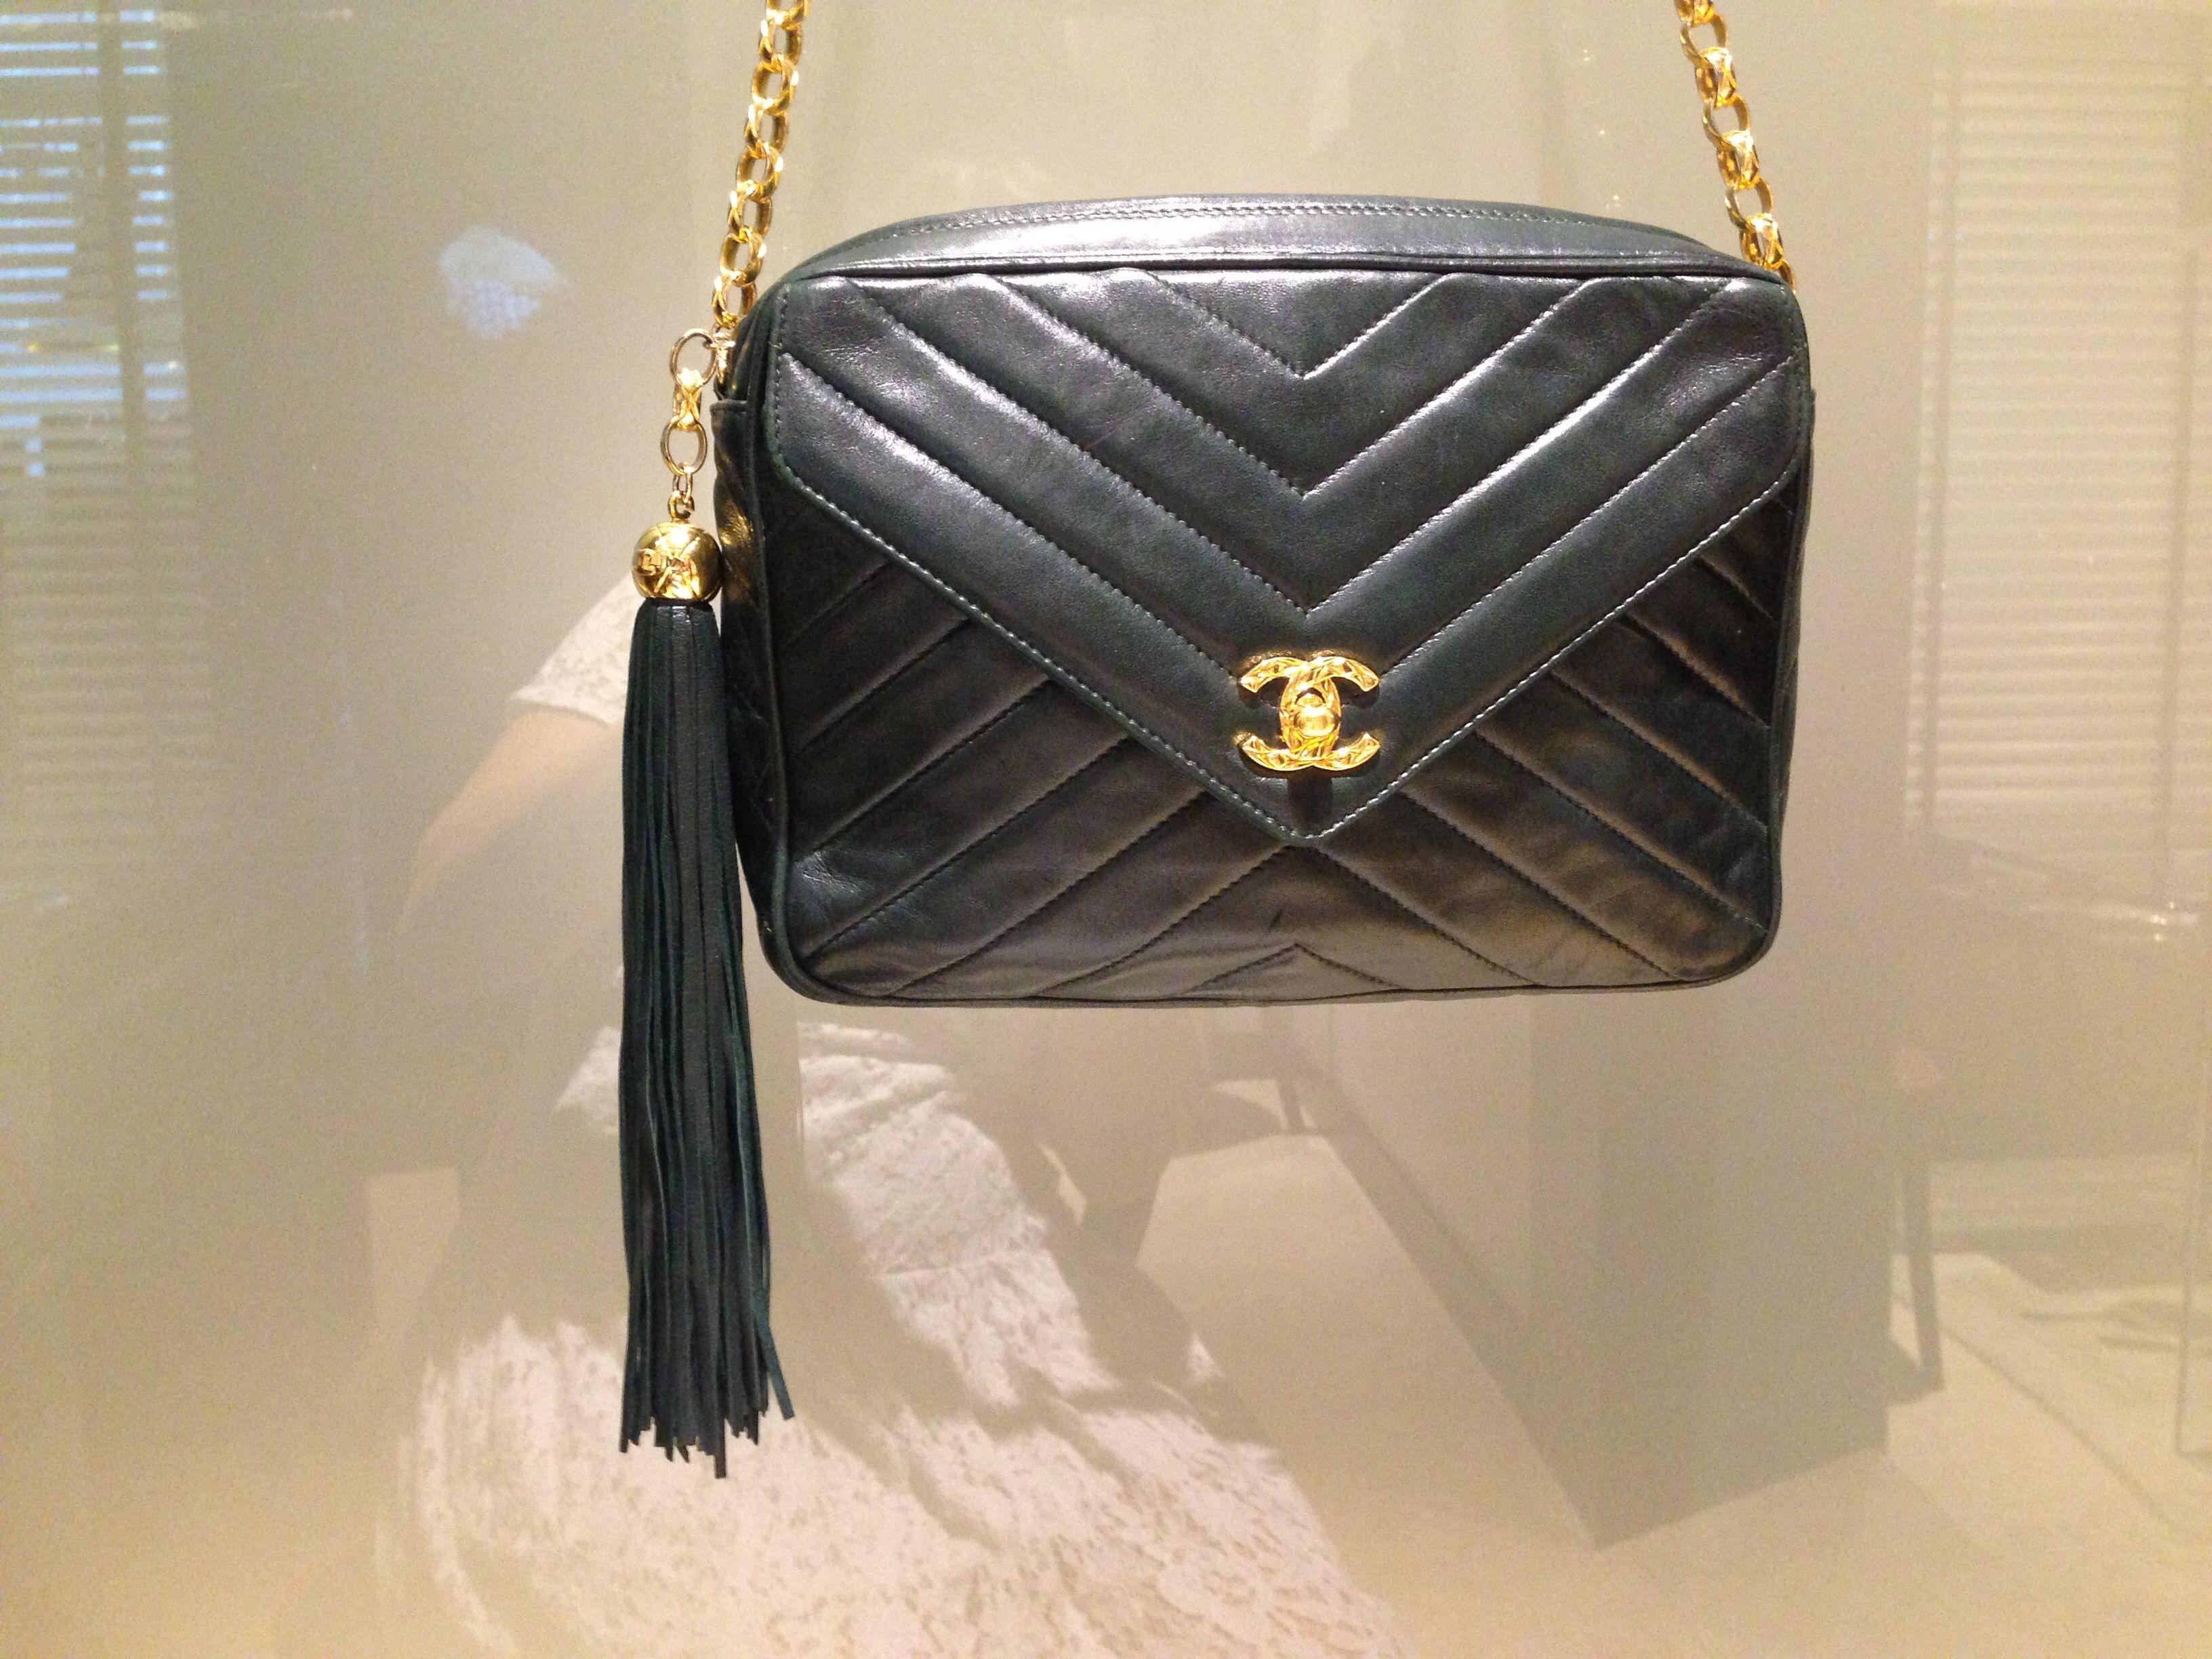 Chanel handbag superb vintage chanel bag vintage leather - Vintage Chanel Dark Green Camera Bag With Tassel